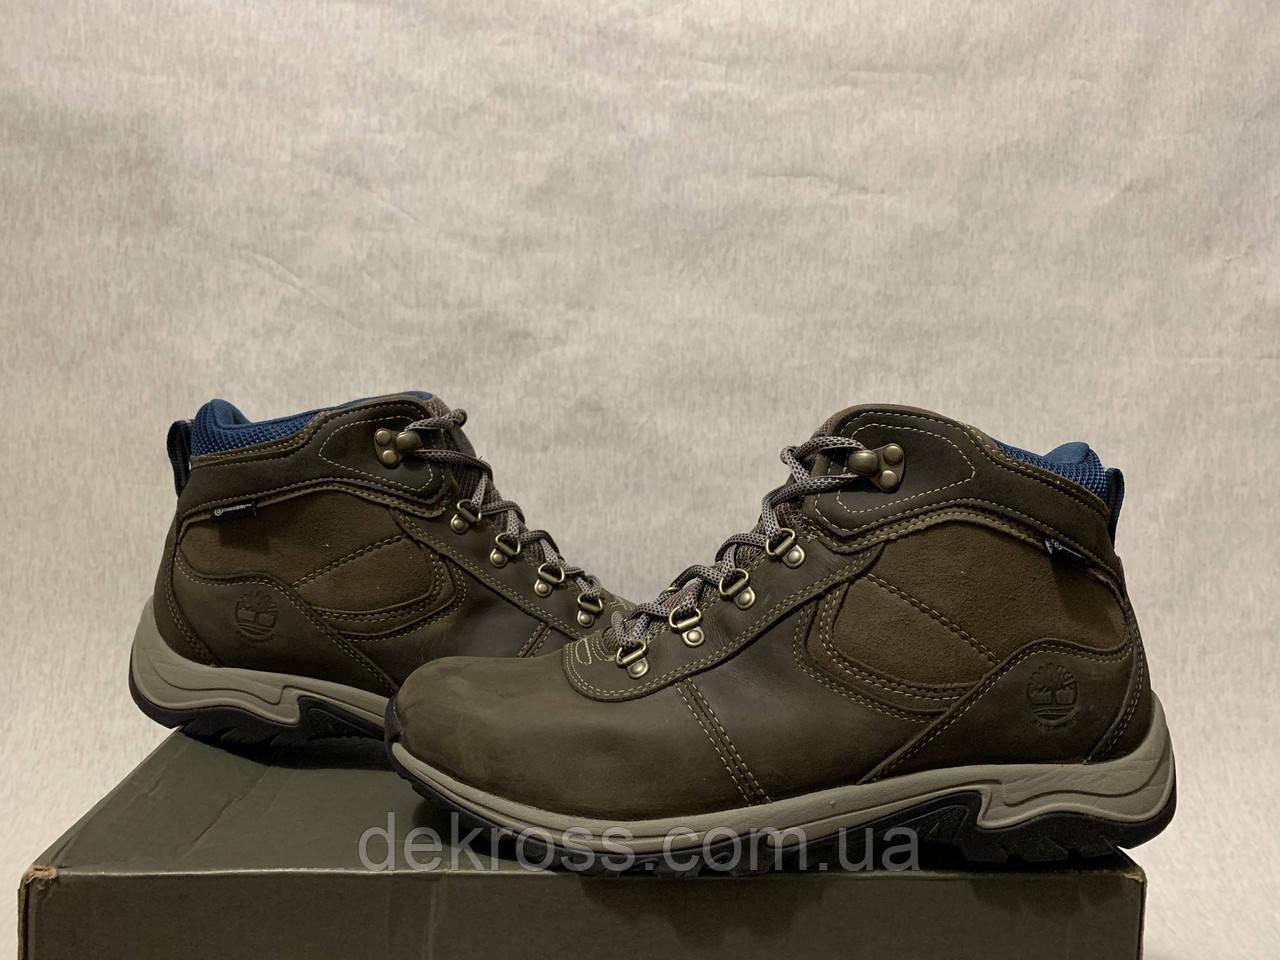 Ботинки Timberland Mt Maddsen Mid Waterproof (43) Оригинал TB0A1Q52